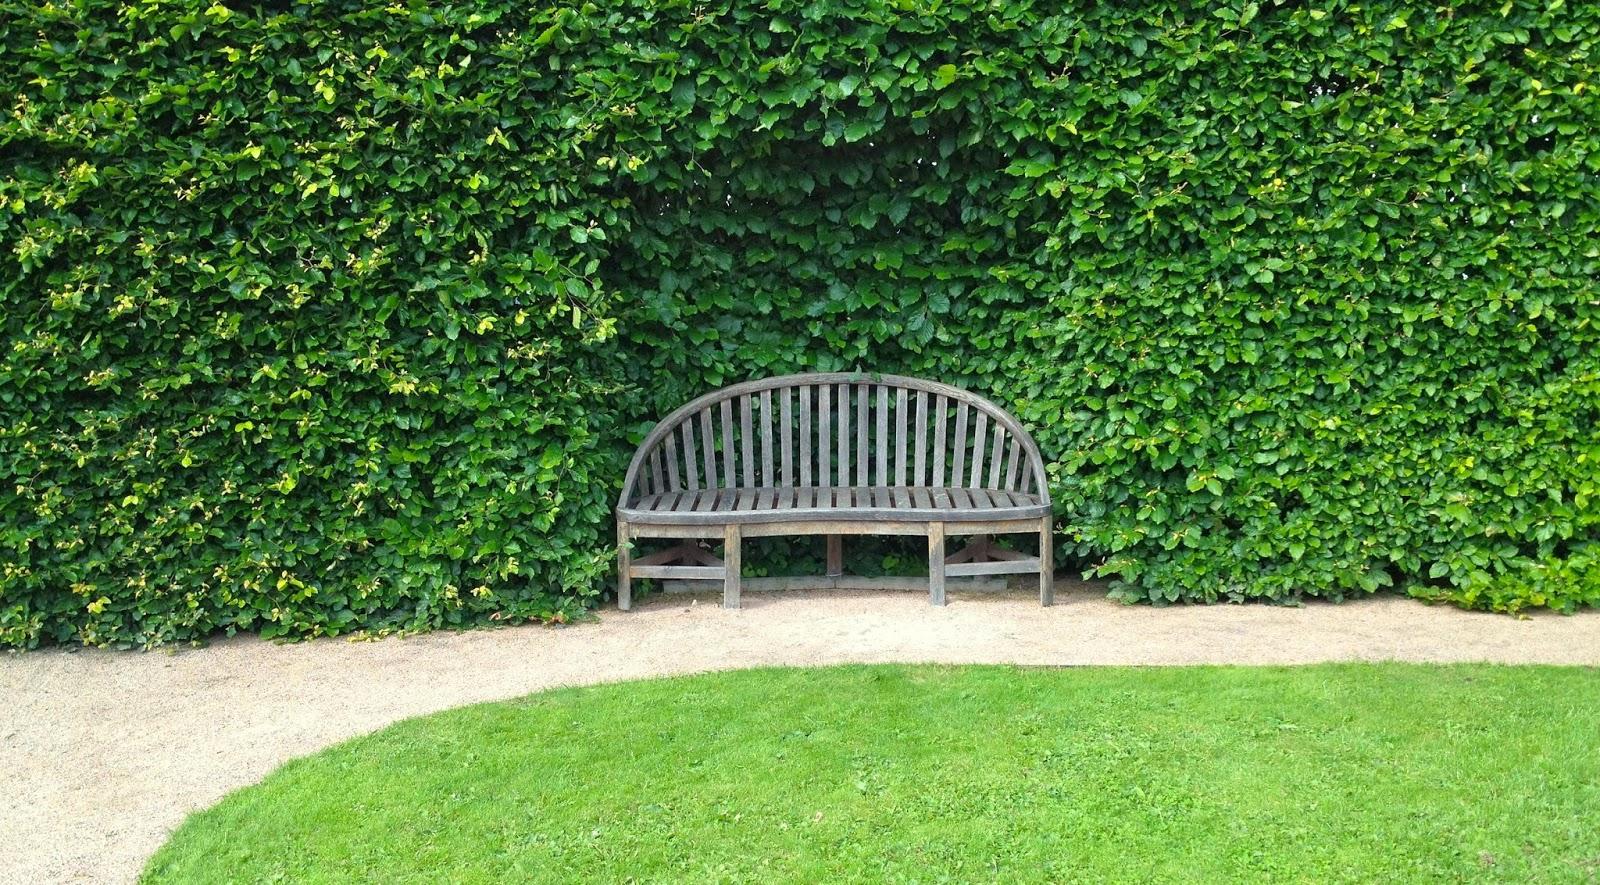 Piante Da Siepi Immagini il mondo in un giardino: sempreverdi per siepi